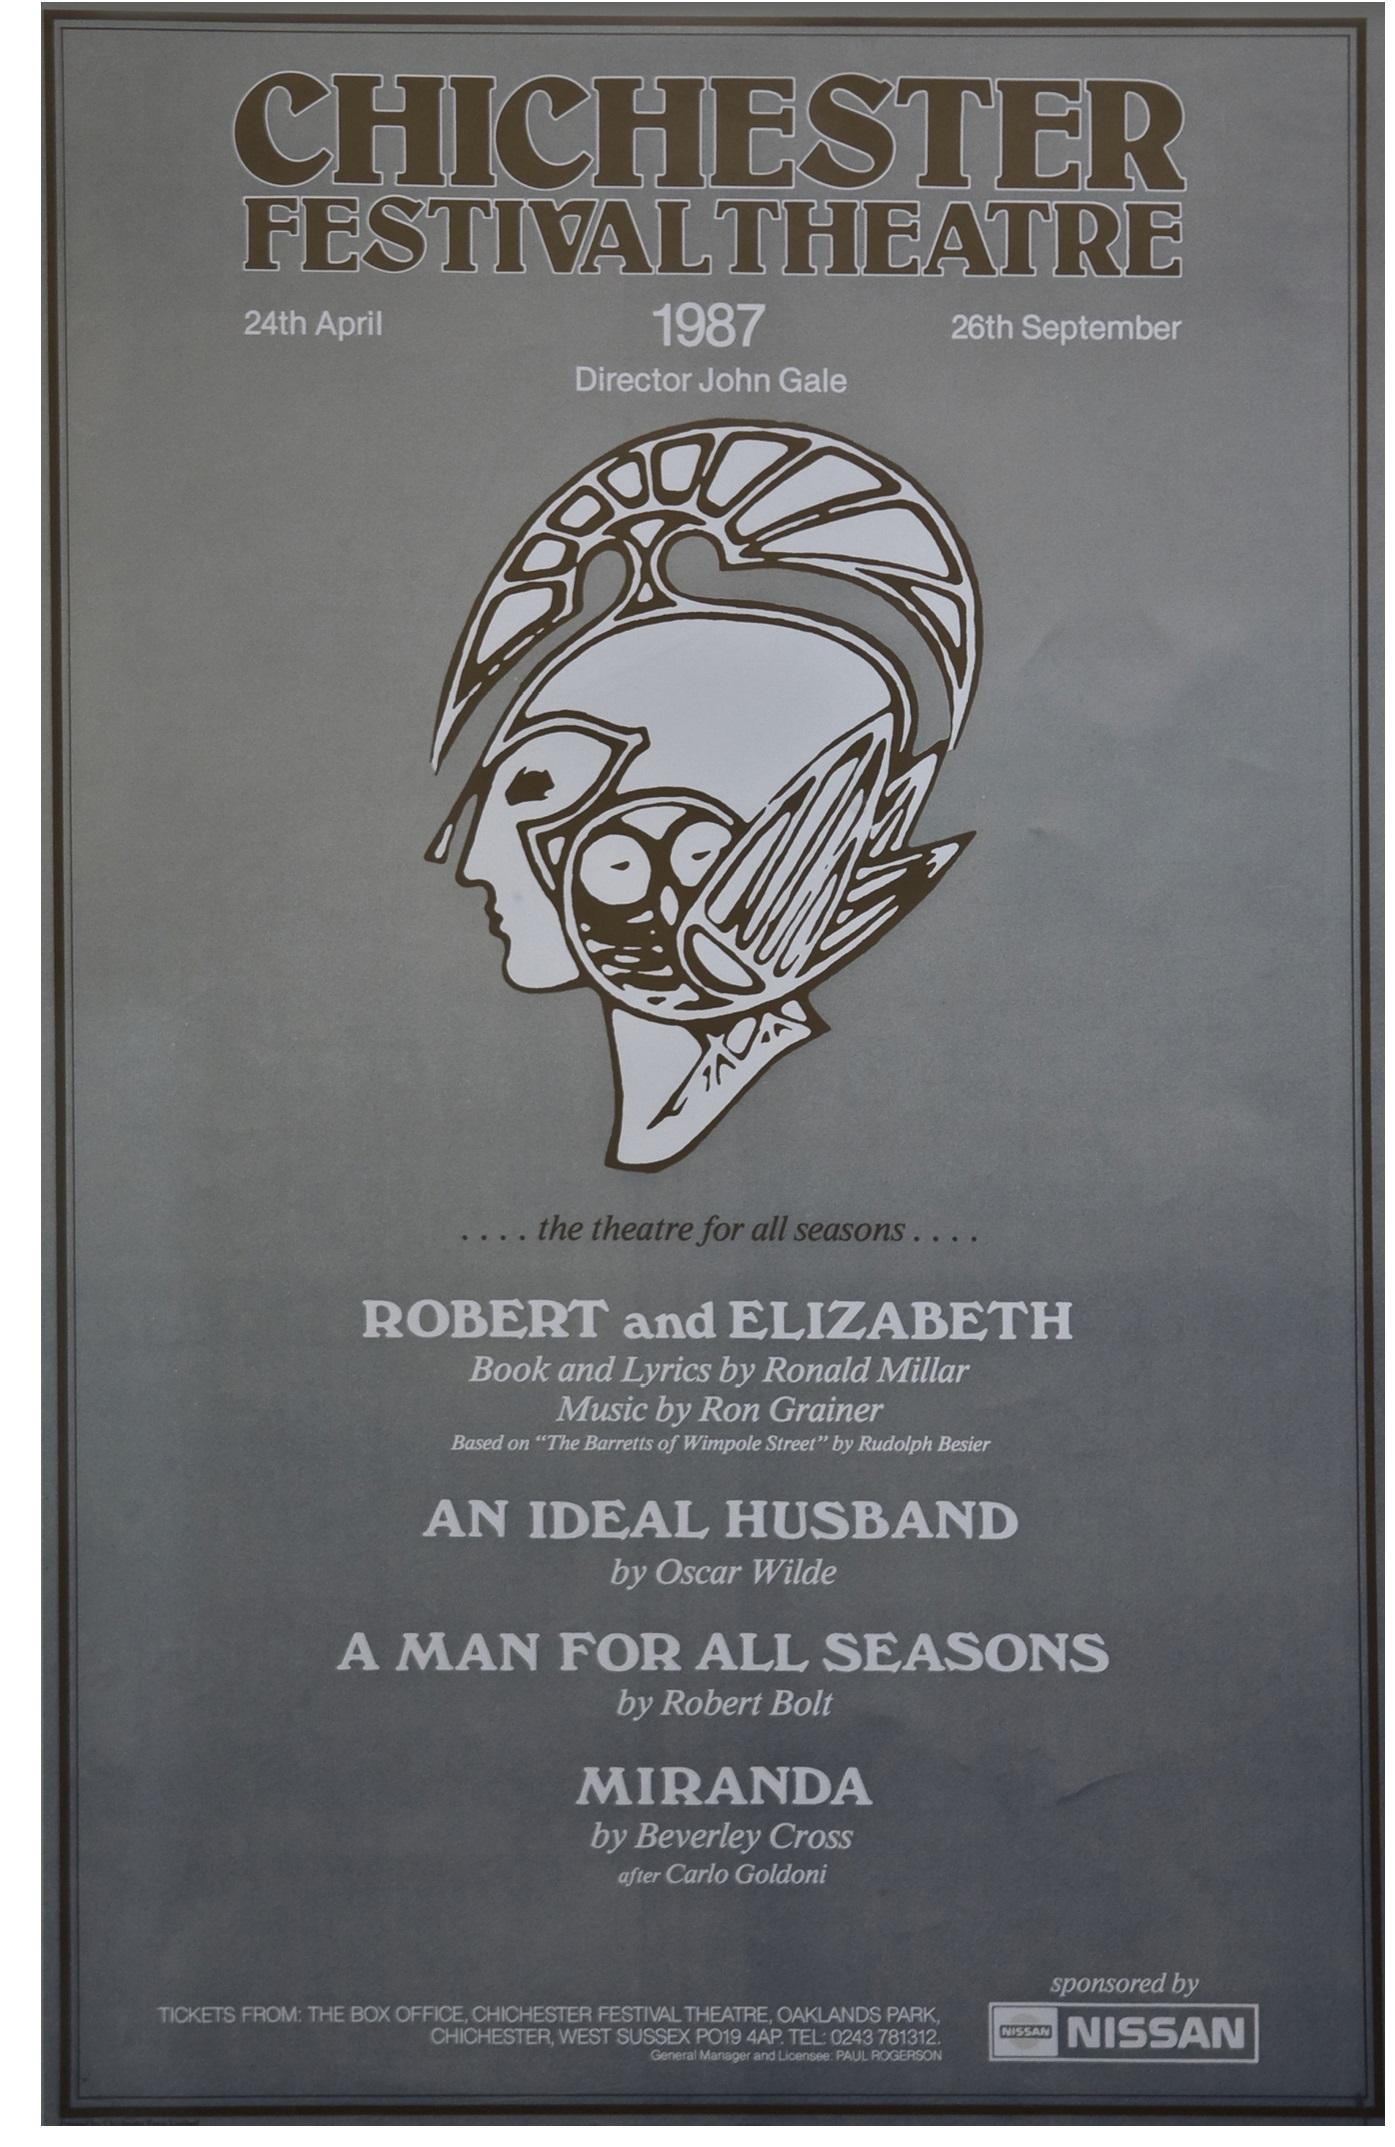 CFT 1987 Season Poster